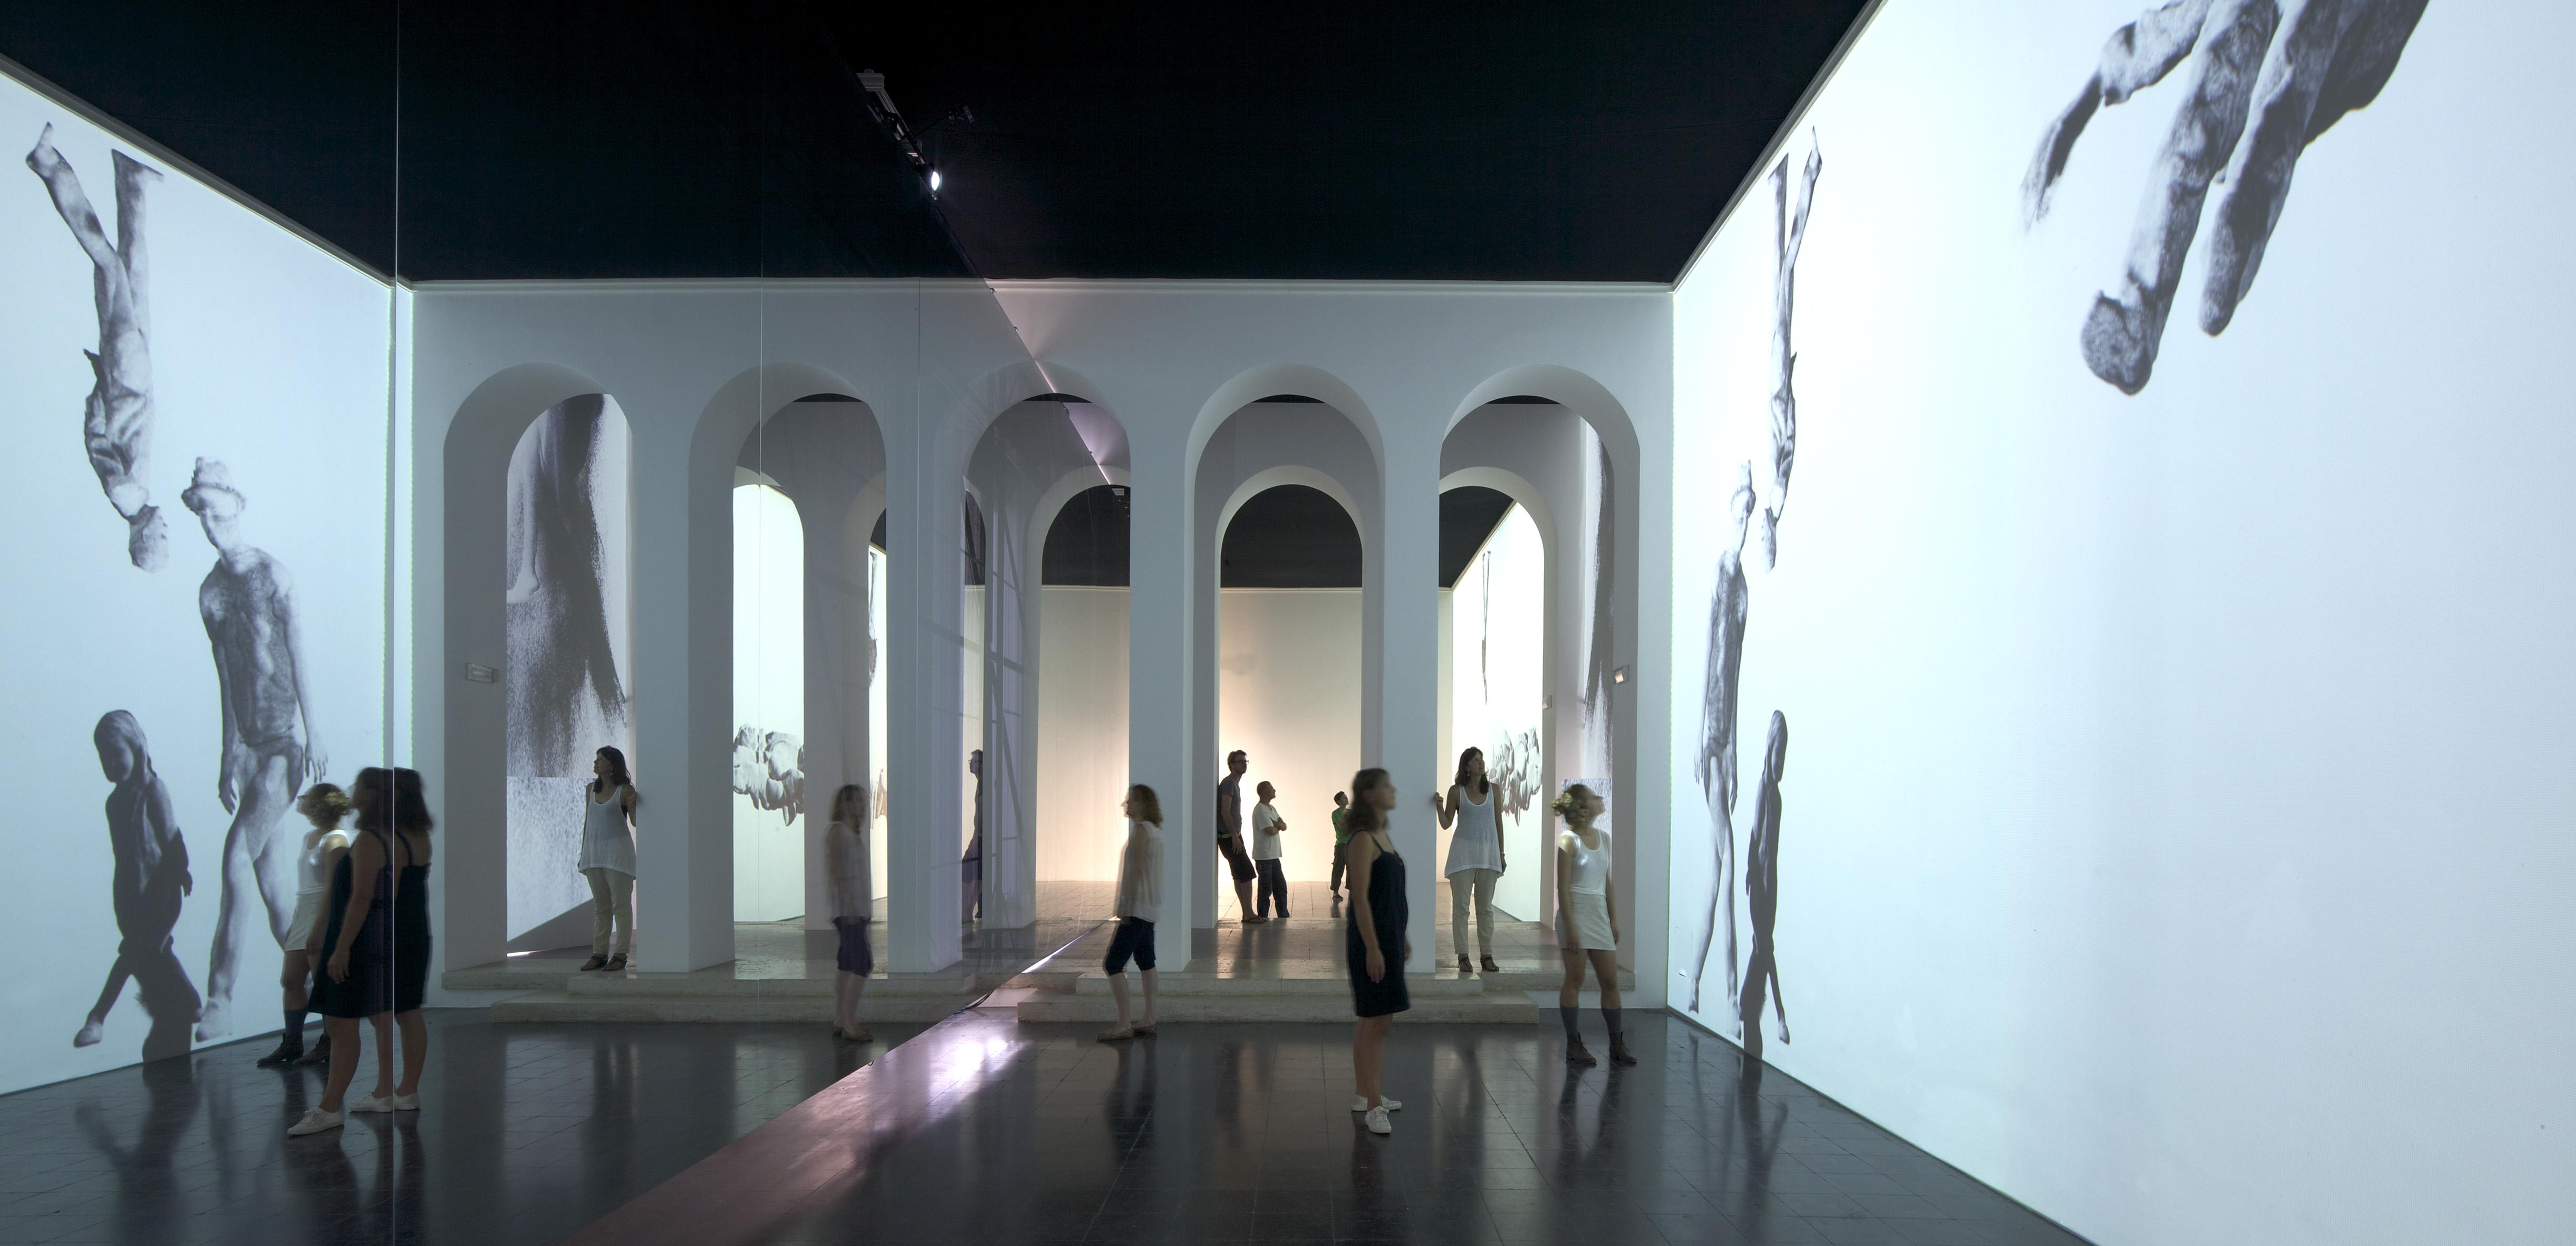 Bienal de Veneza 2012: Hands Have No Tears To Flow / Pavilhão Austríaco, © Günter